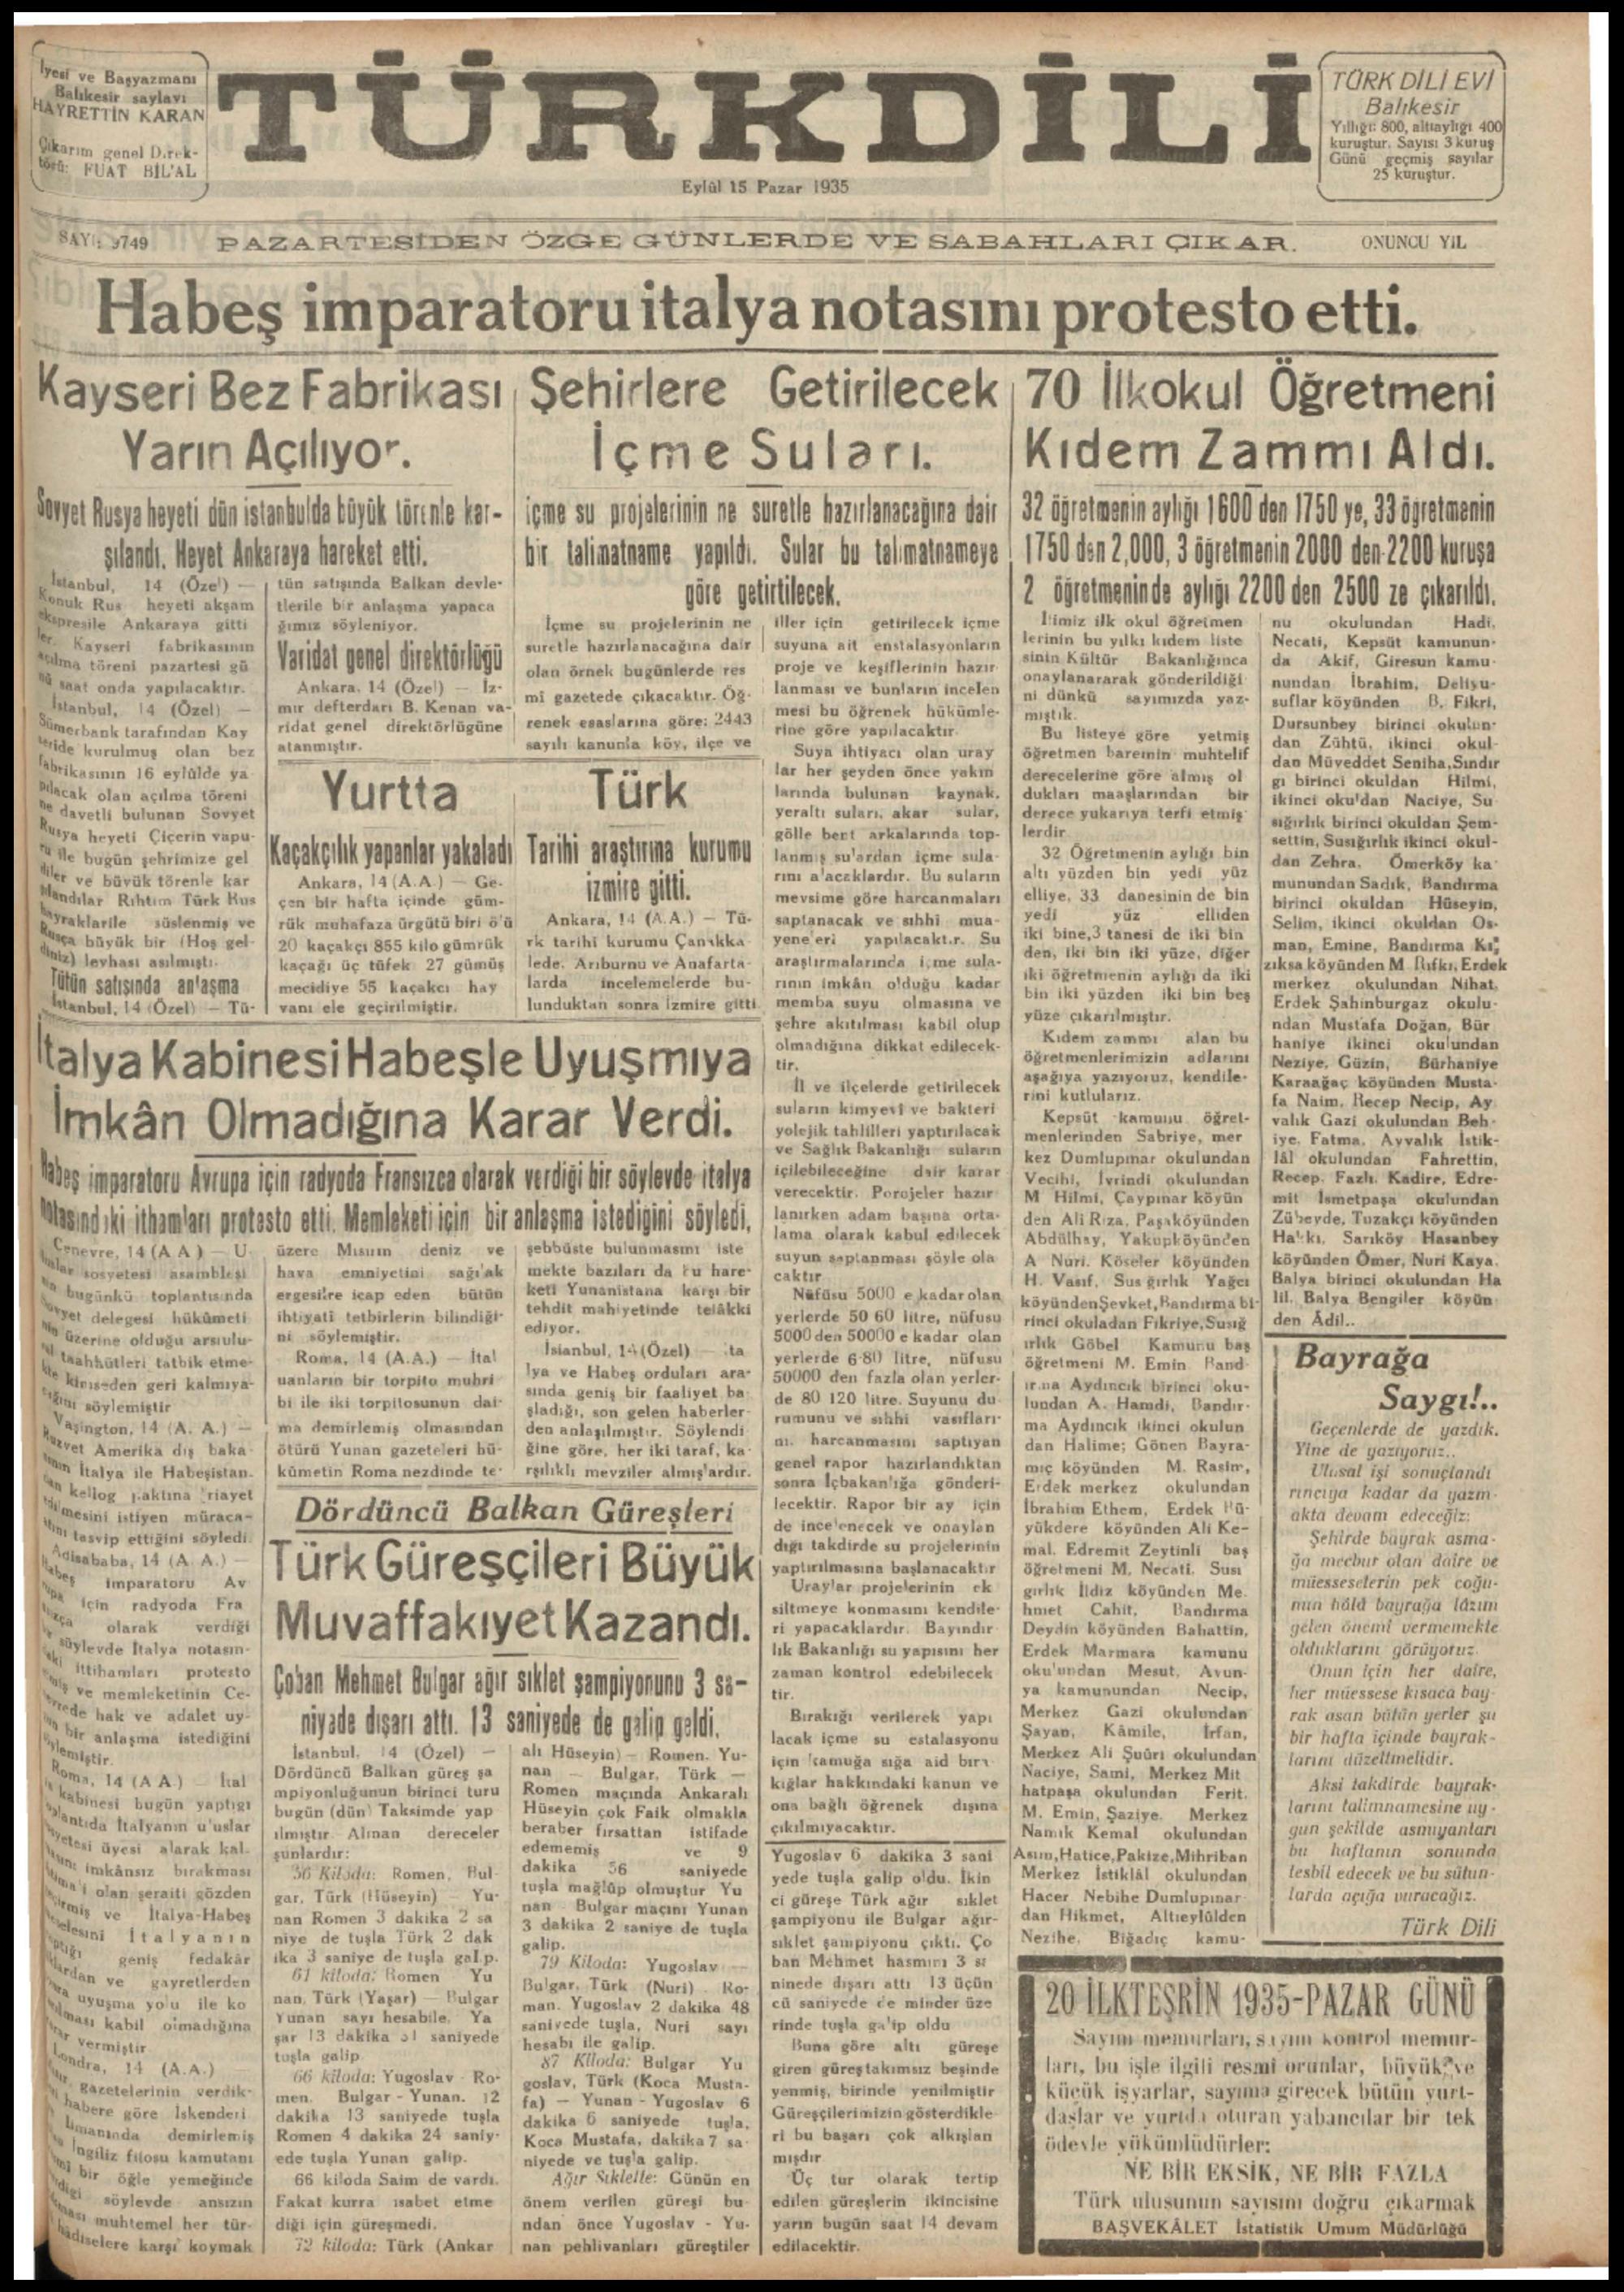 15 Eylül 1935 Tarihli Türk Dili Dergisi Sayfa 1